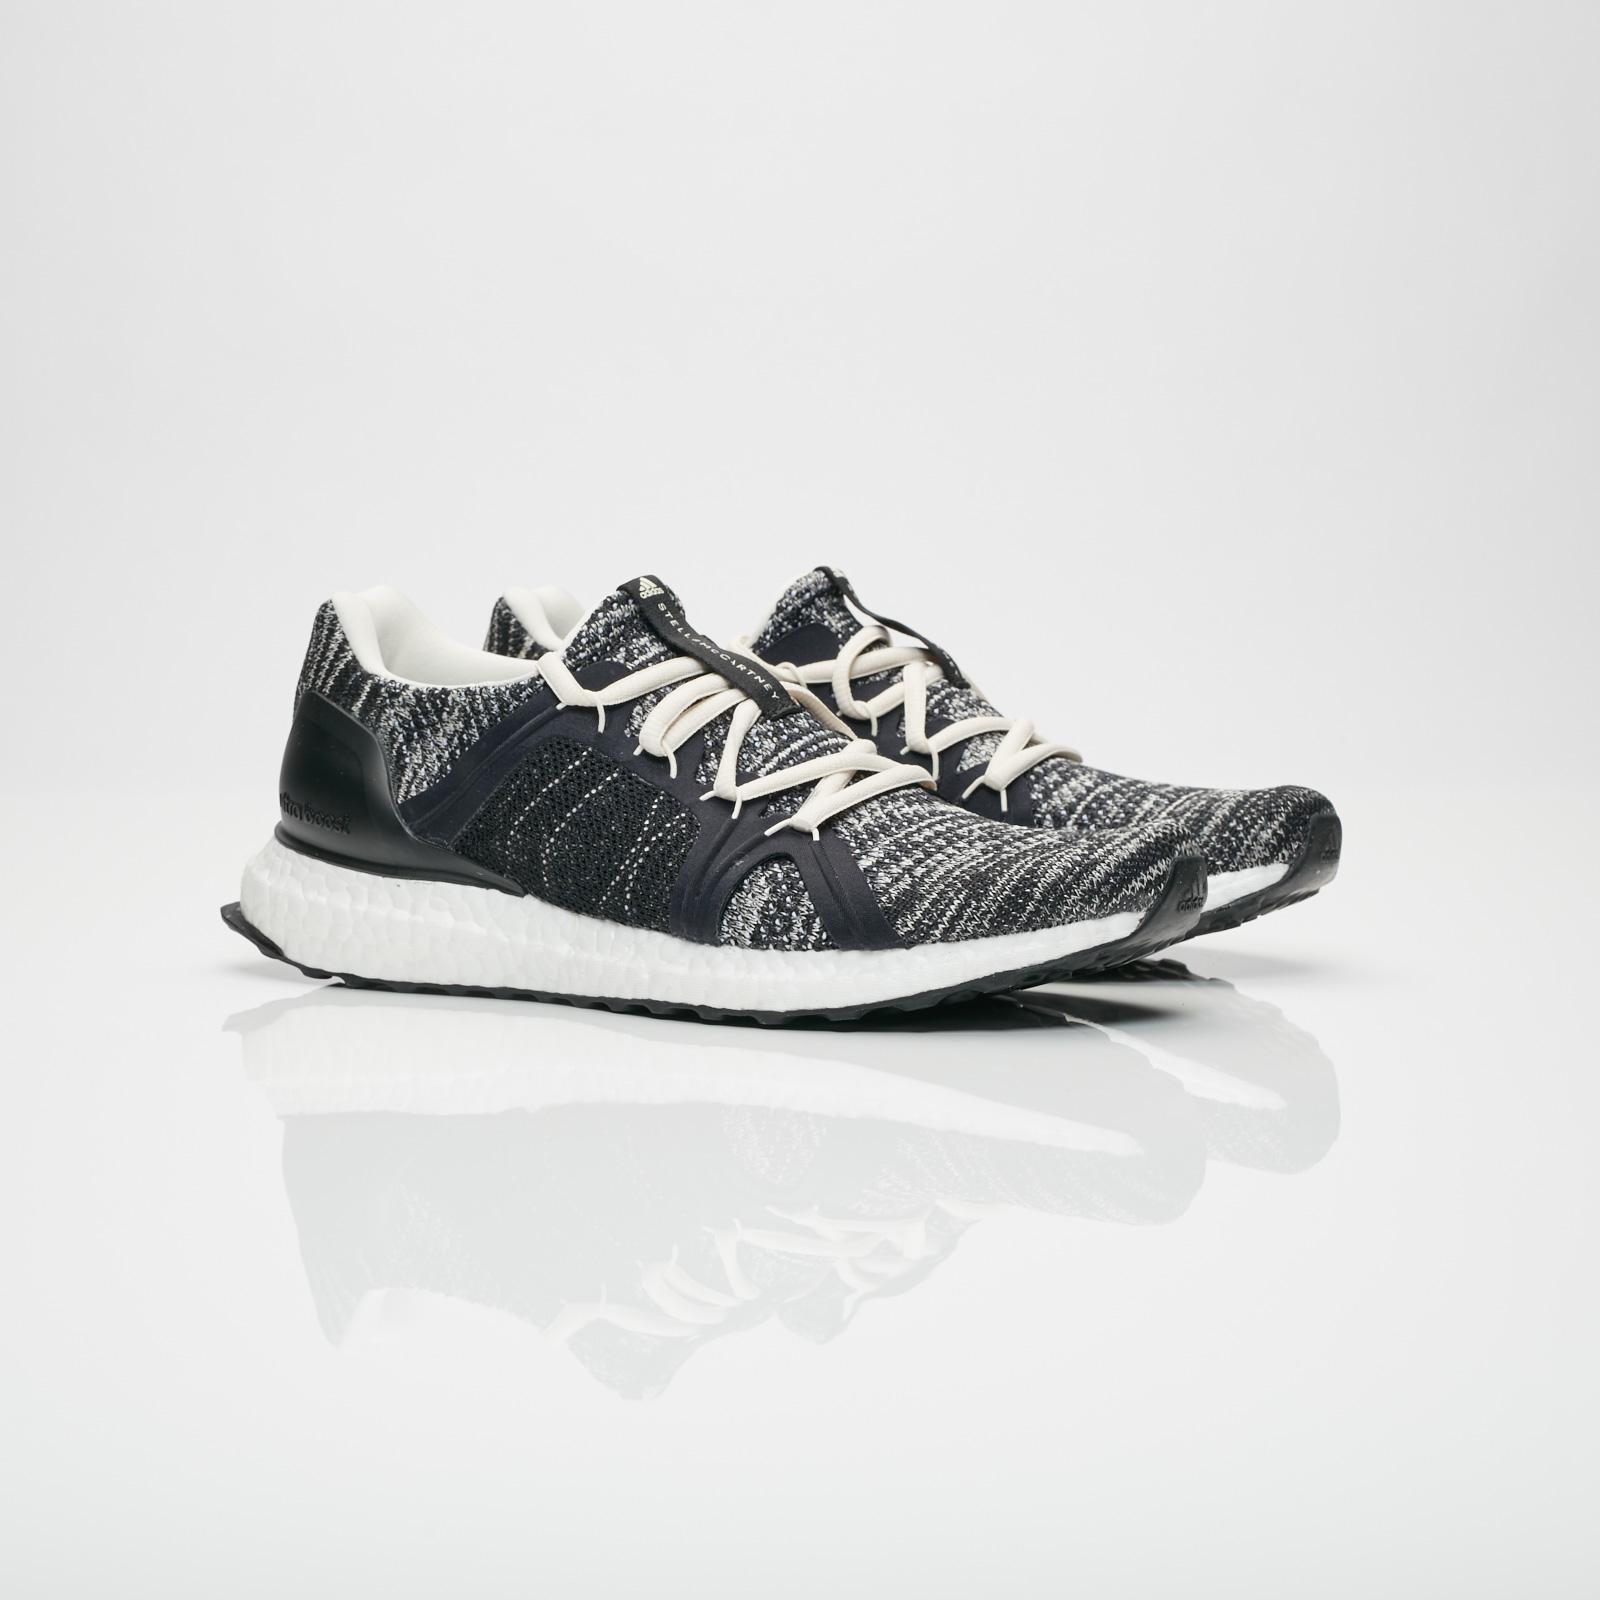 adidas UltraBOOST Parley - Bb6264 - Sneakersnstuff  f0b2b6951